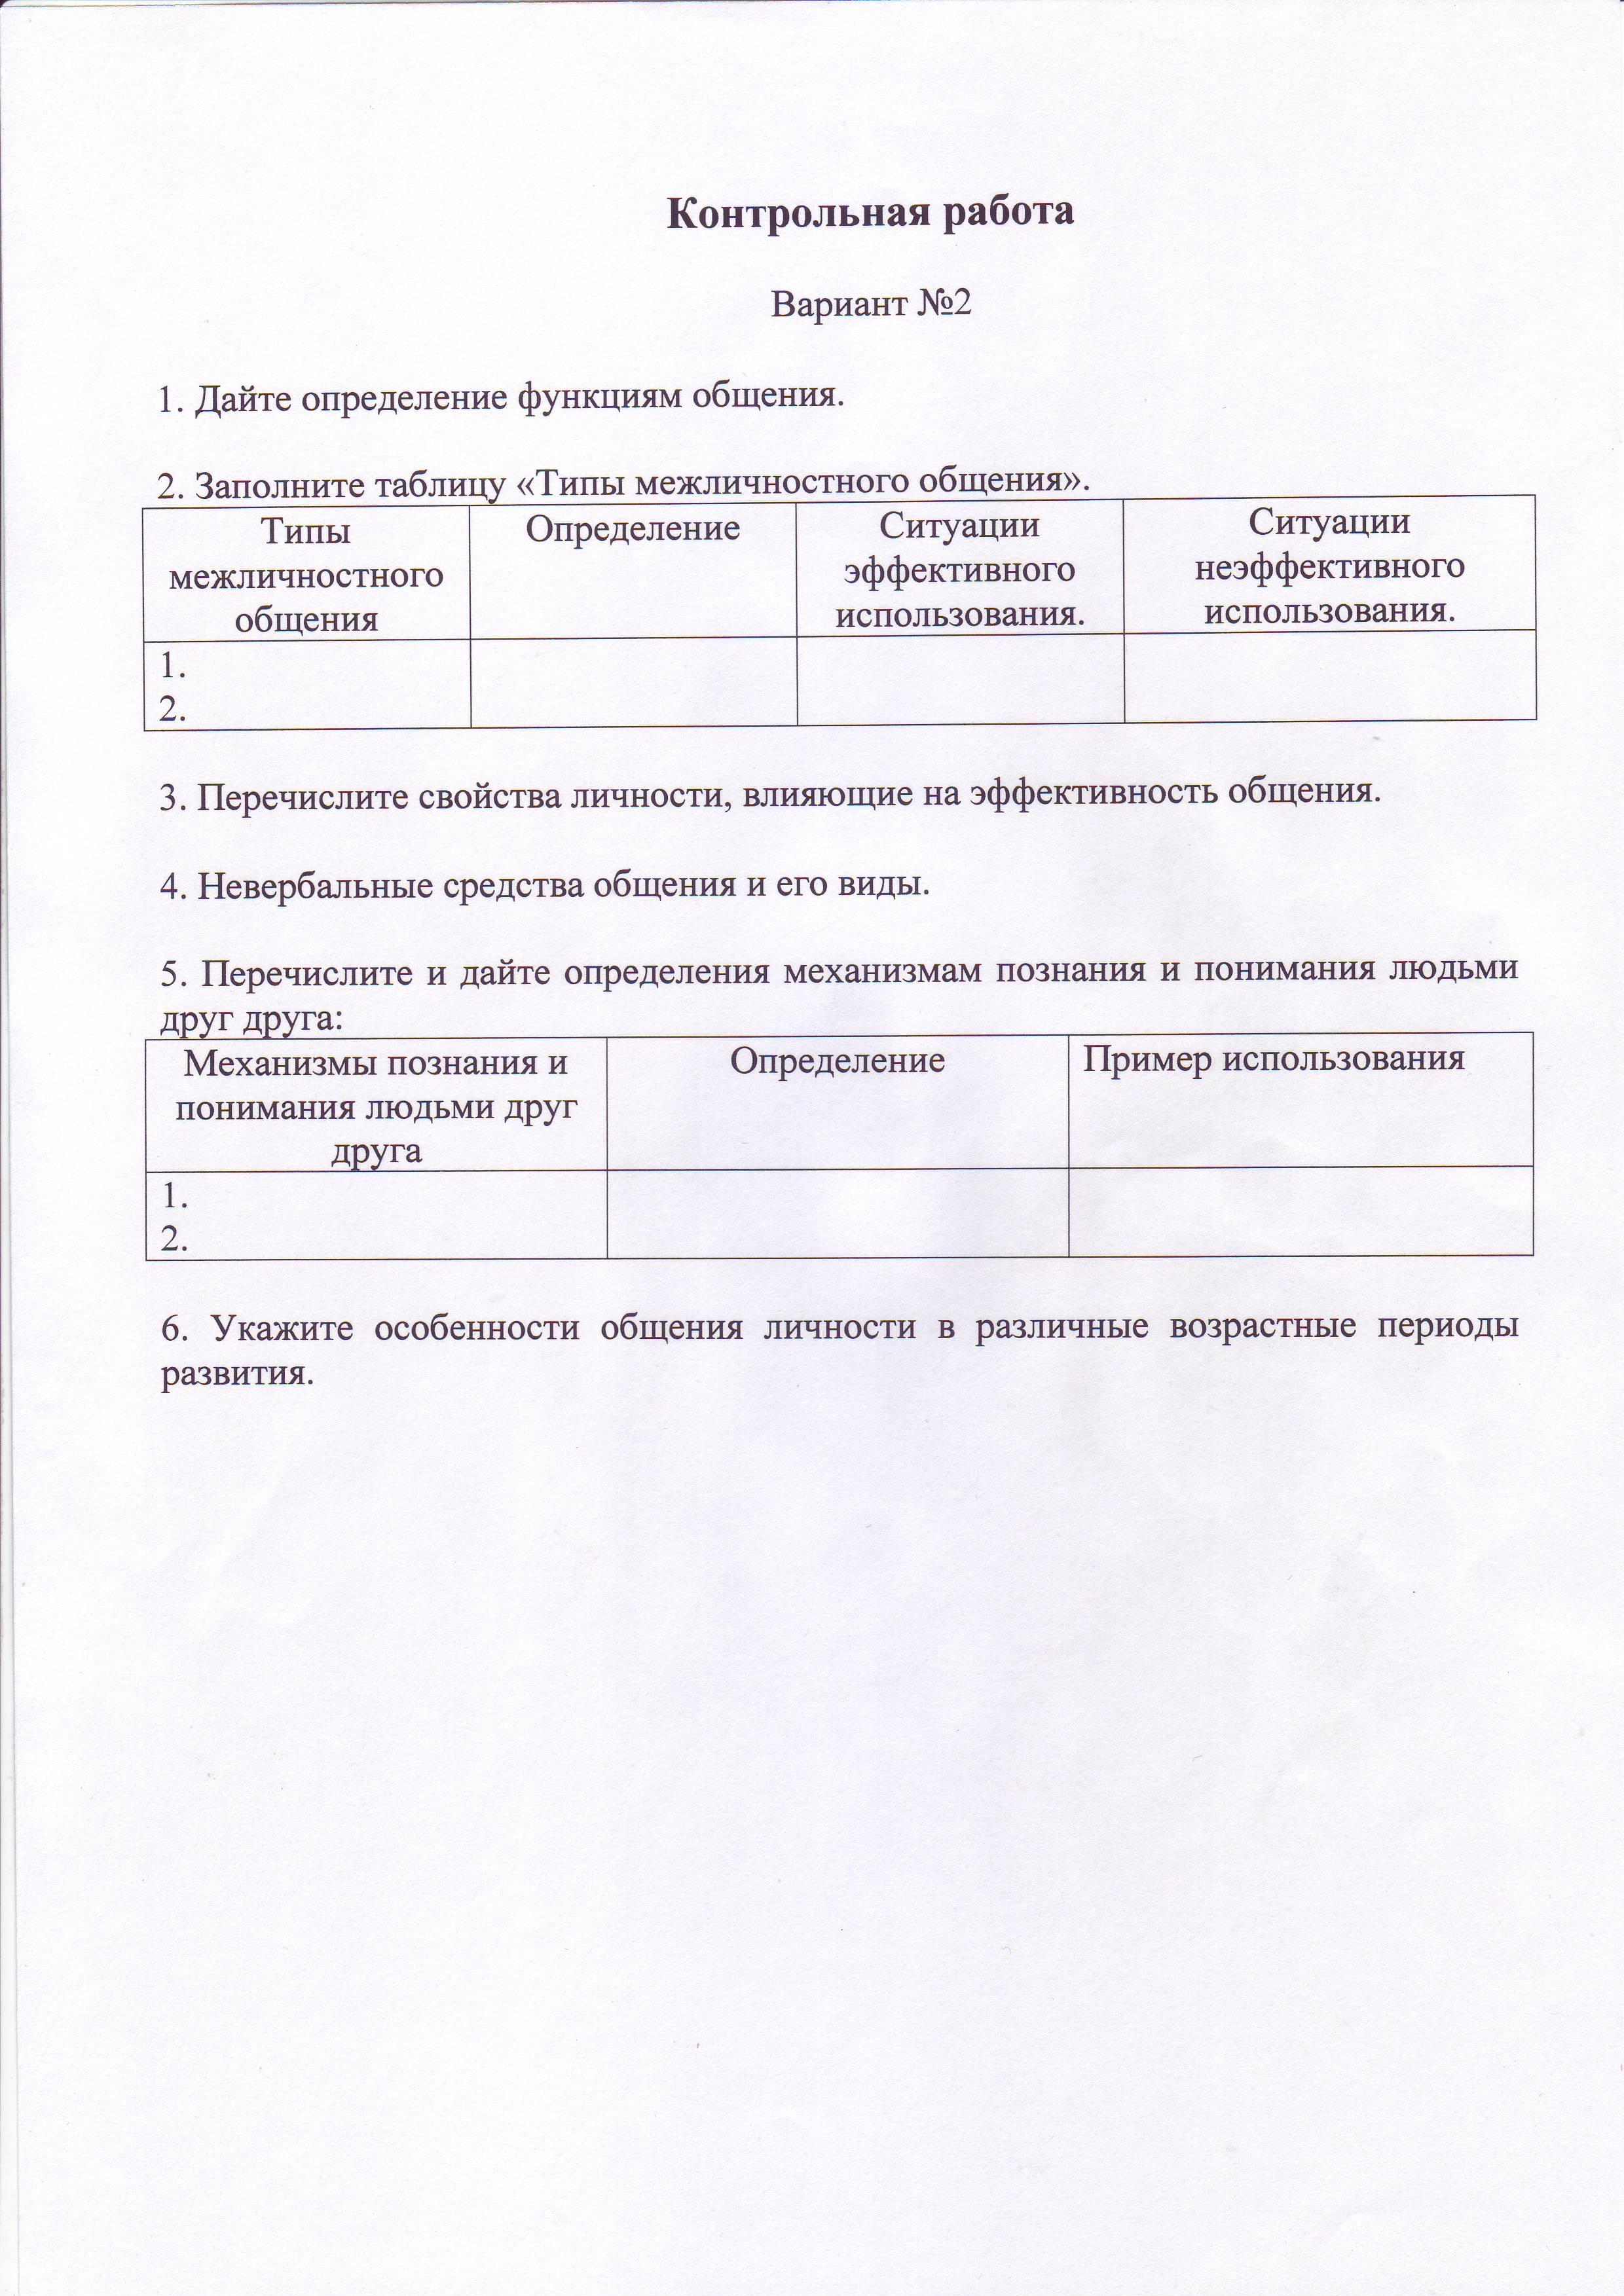 Темы контрольных работ по дисциплине социальная психология 3332